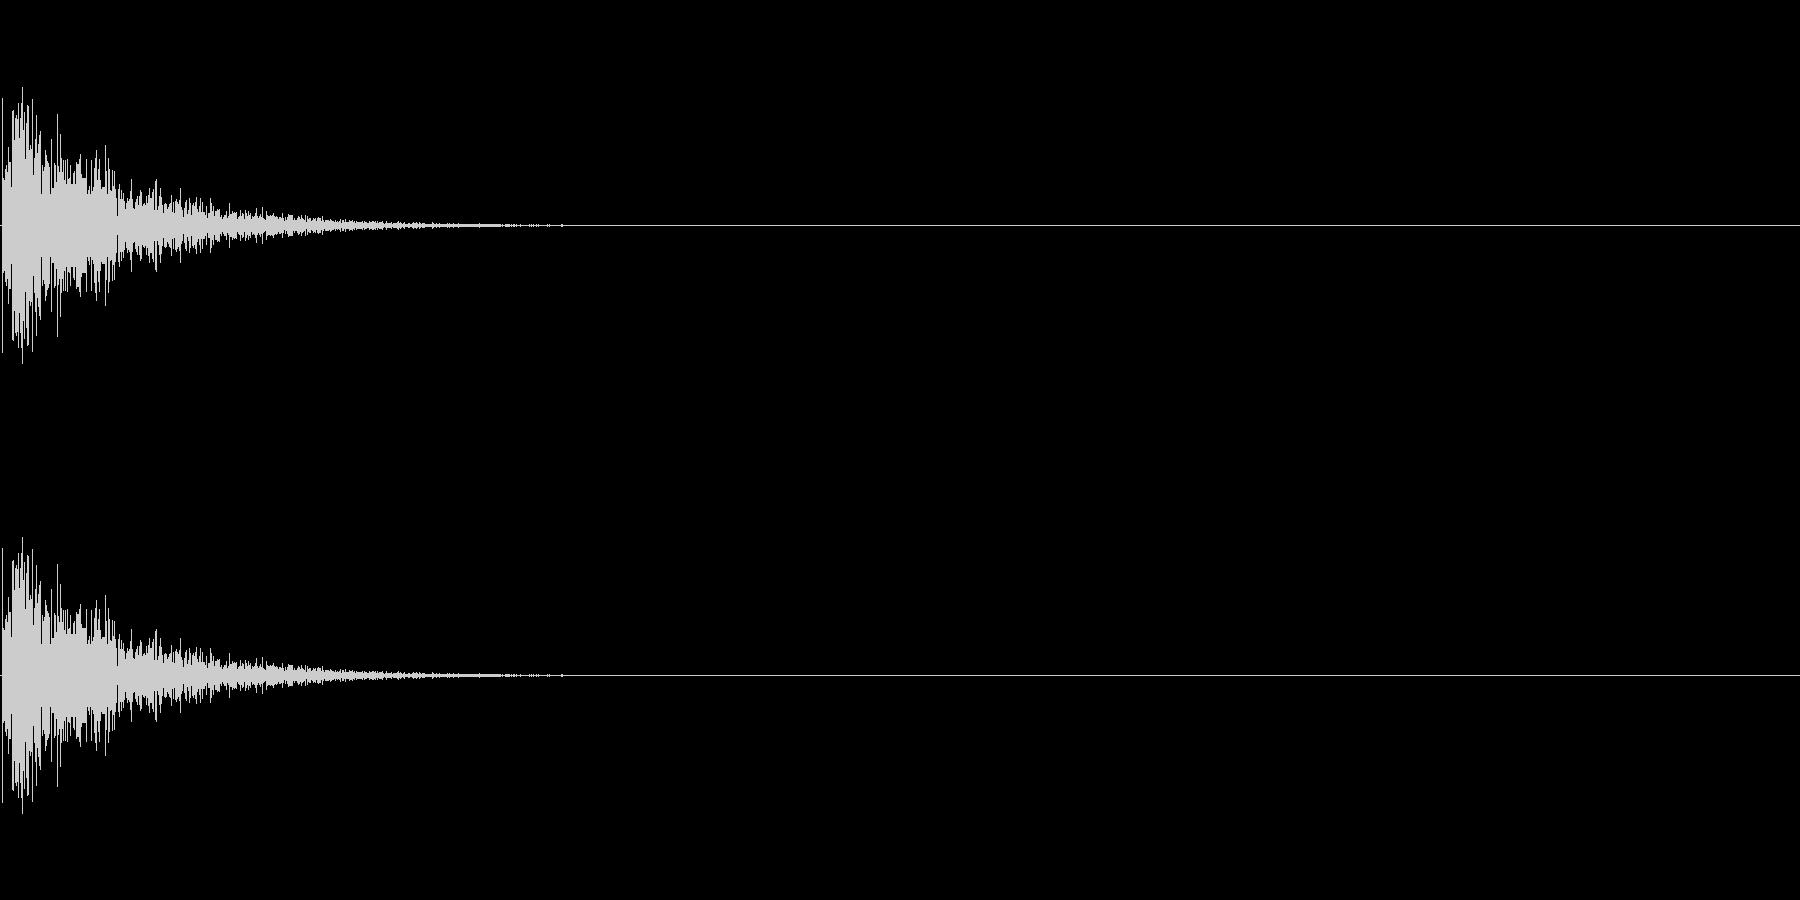 LoFiドラムキット04-HHクローズの未再生の波形